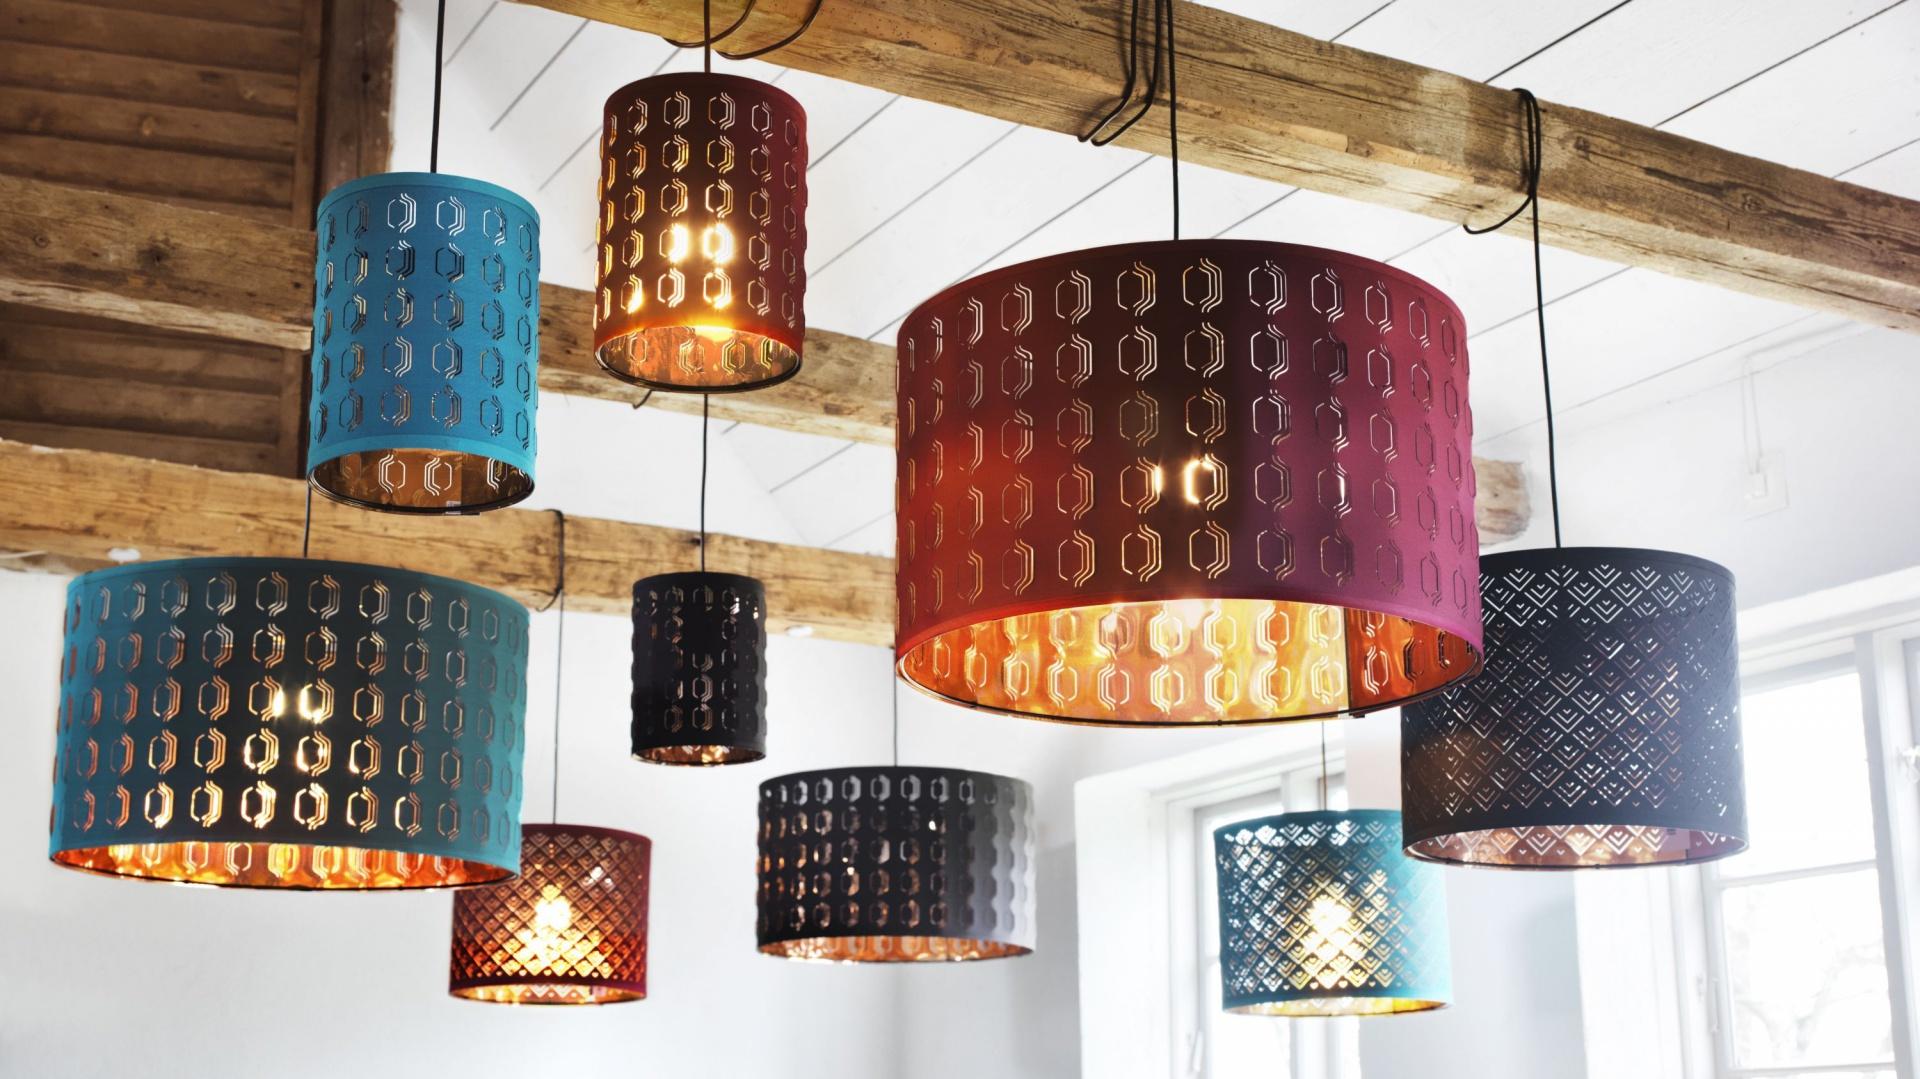 Podświetlone klosze NYMÖ, stworzone przez studio projektowe WIS design ze Sztokholmu, tworzą niesamowite efekty dekoracyjne dzięki wyciętym wzorom. Fot. IKEA